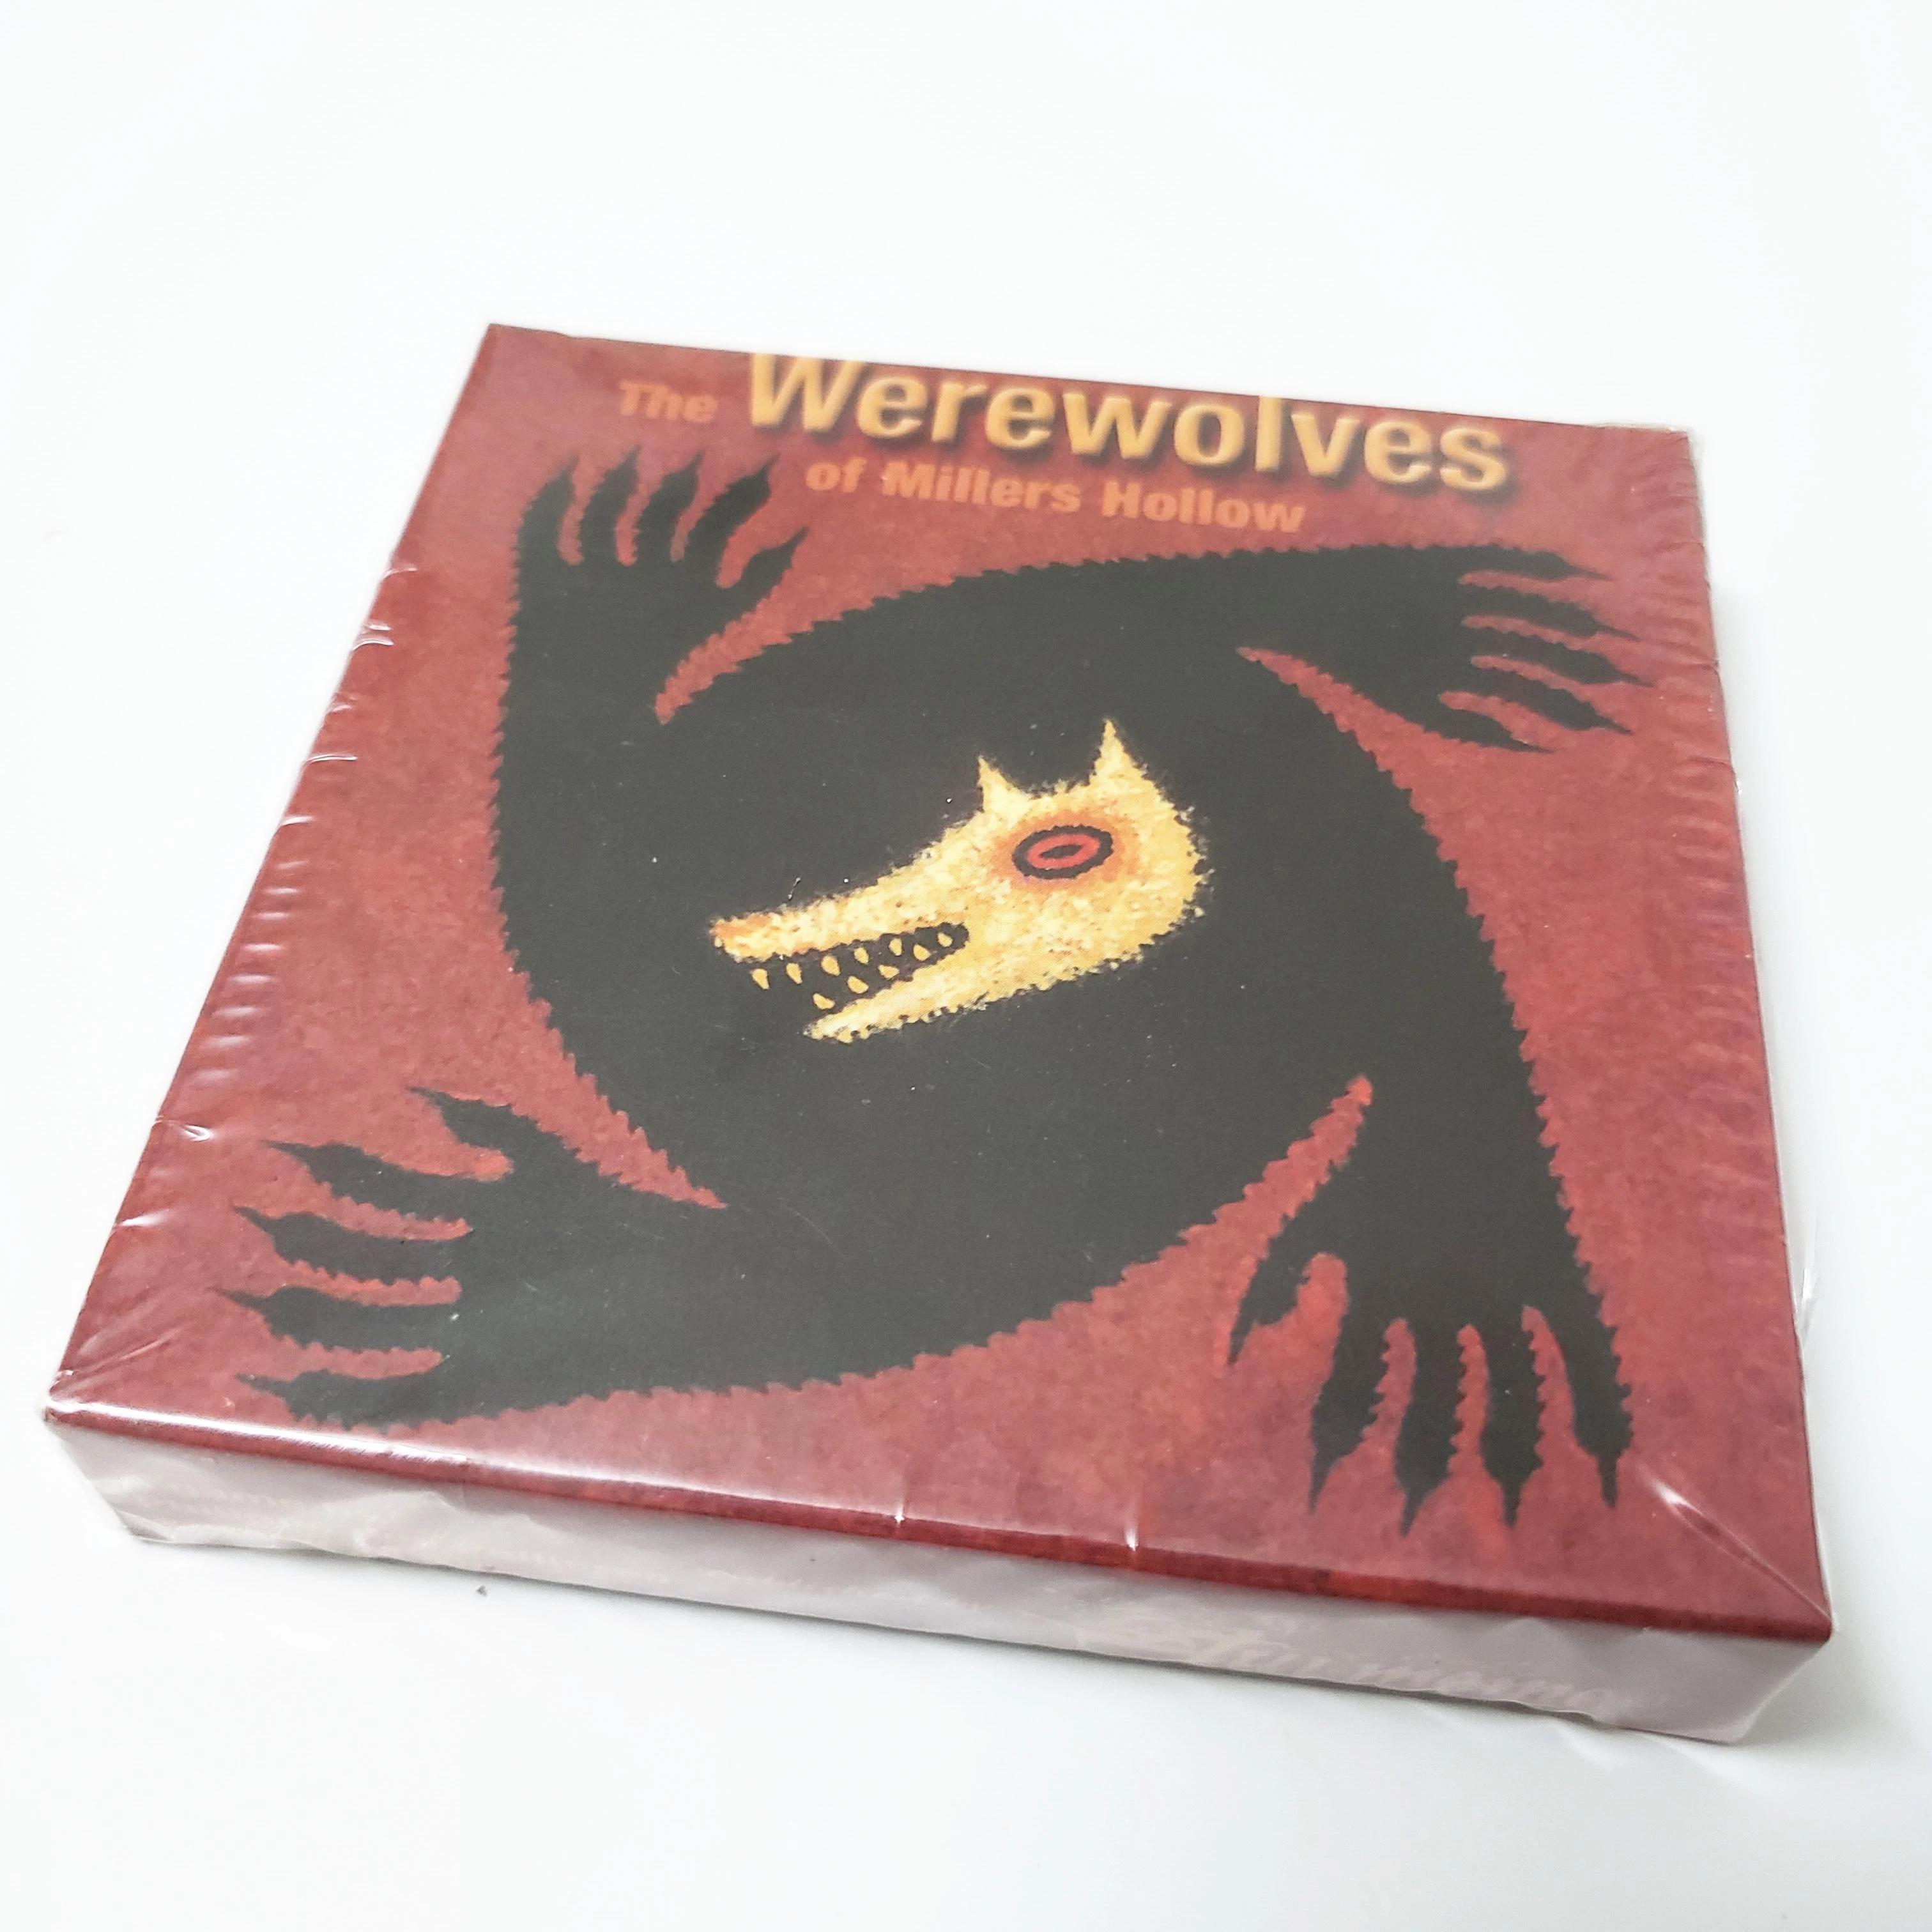 Juego de mesa Werewolves (versión completa en inglés) por 2,77 €